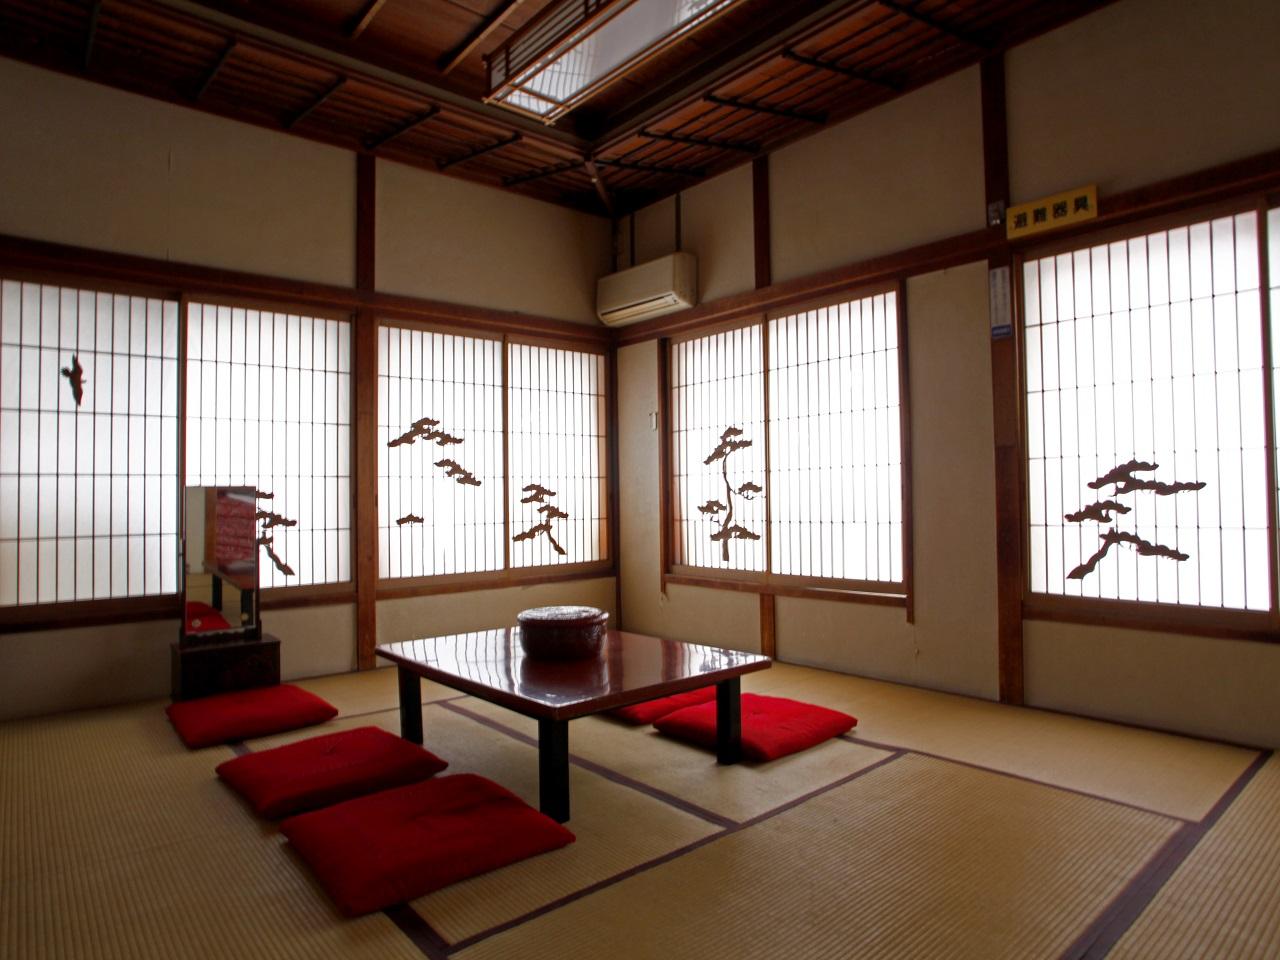 Ryokan en tokio una experiencia japonesa nica en la for Mesa japonesa tradicional